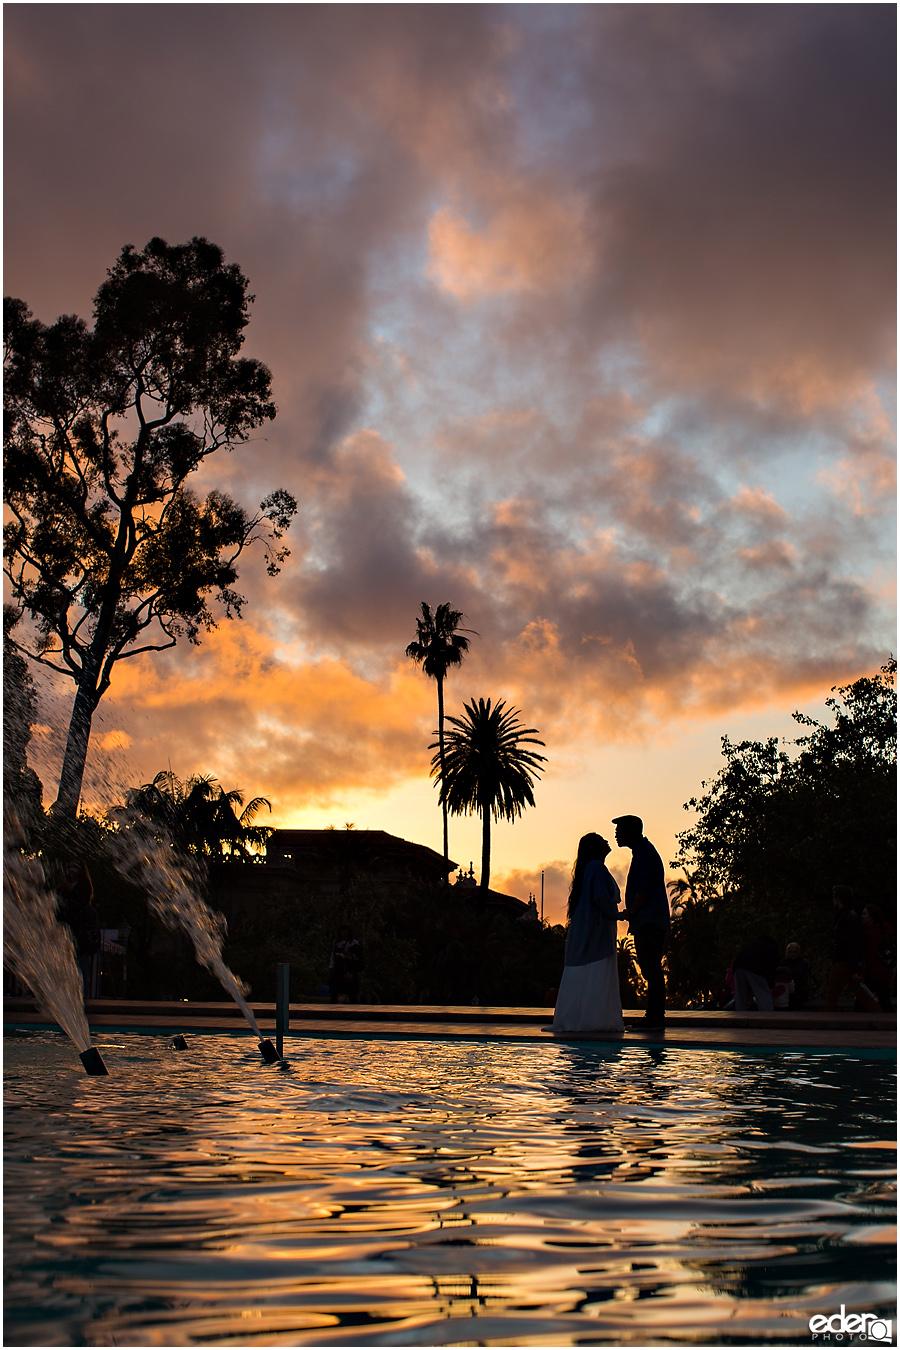 Sunset photo of Balboa Park